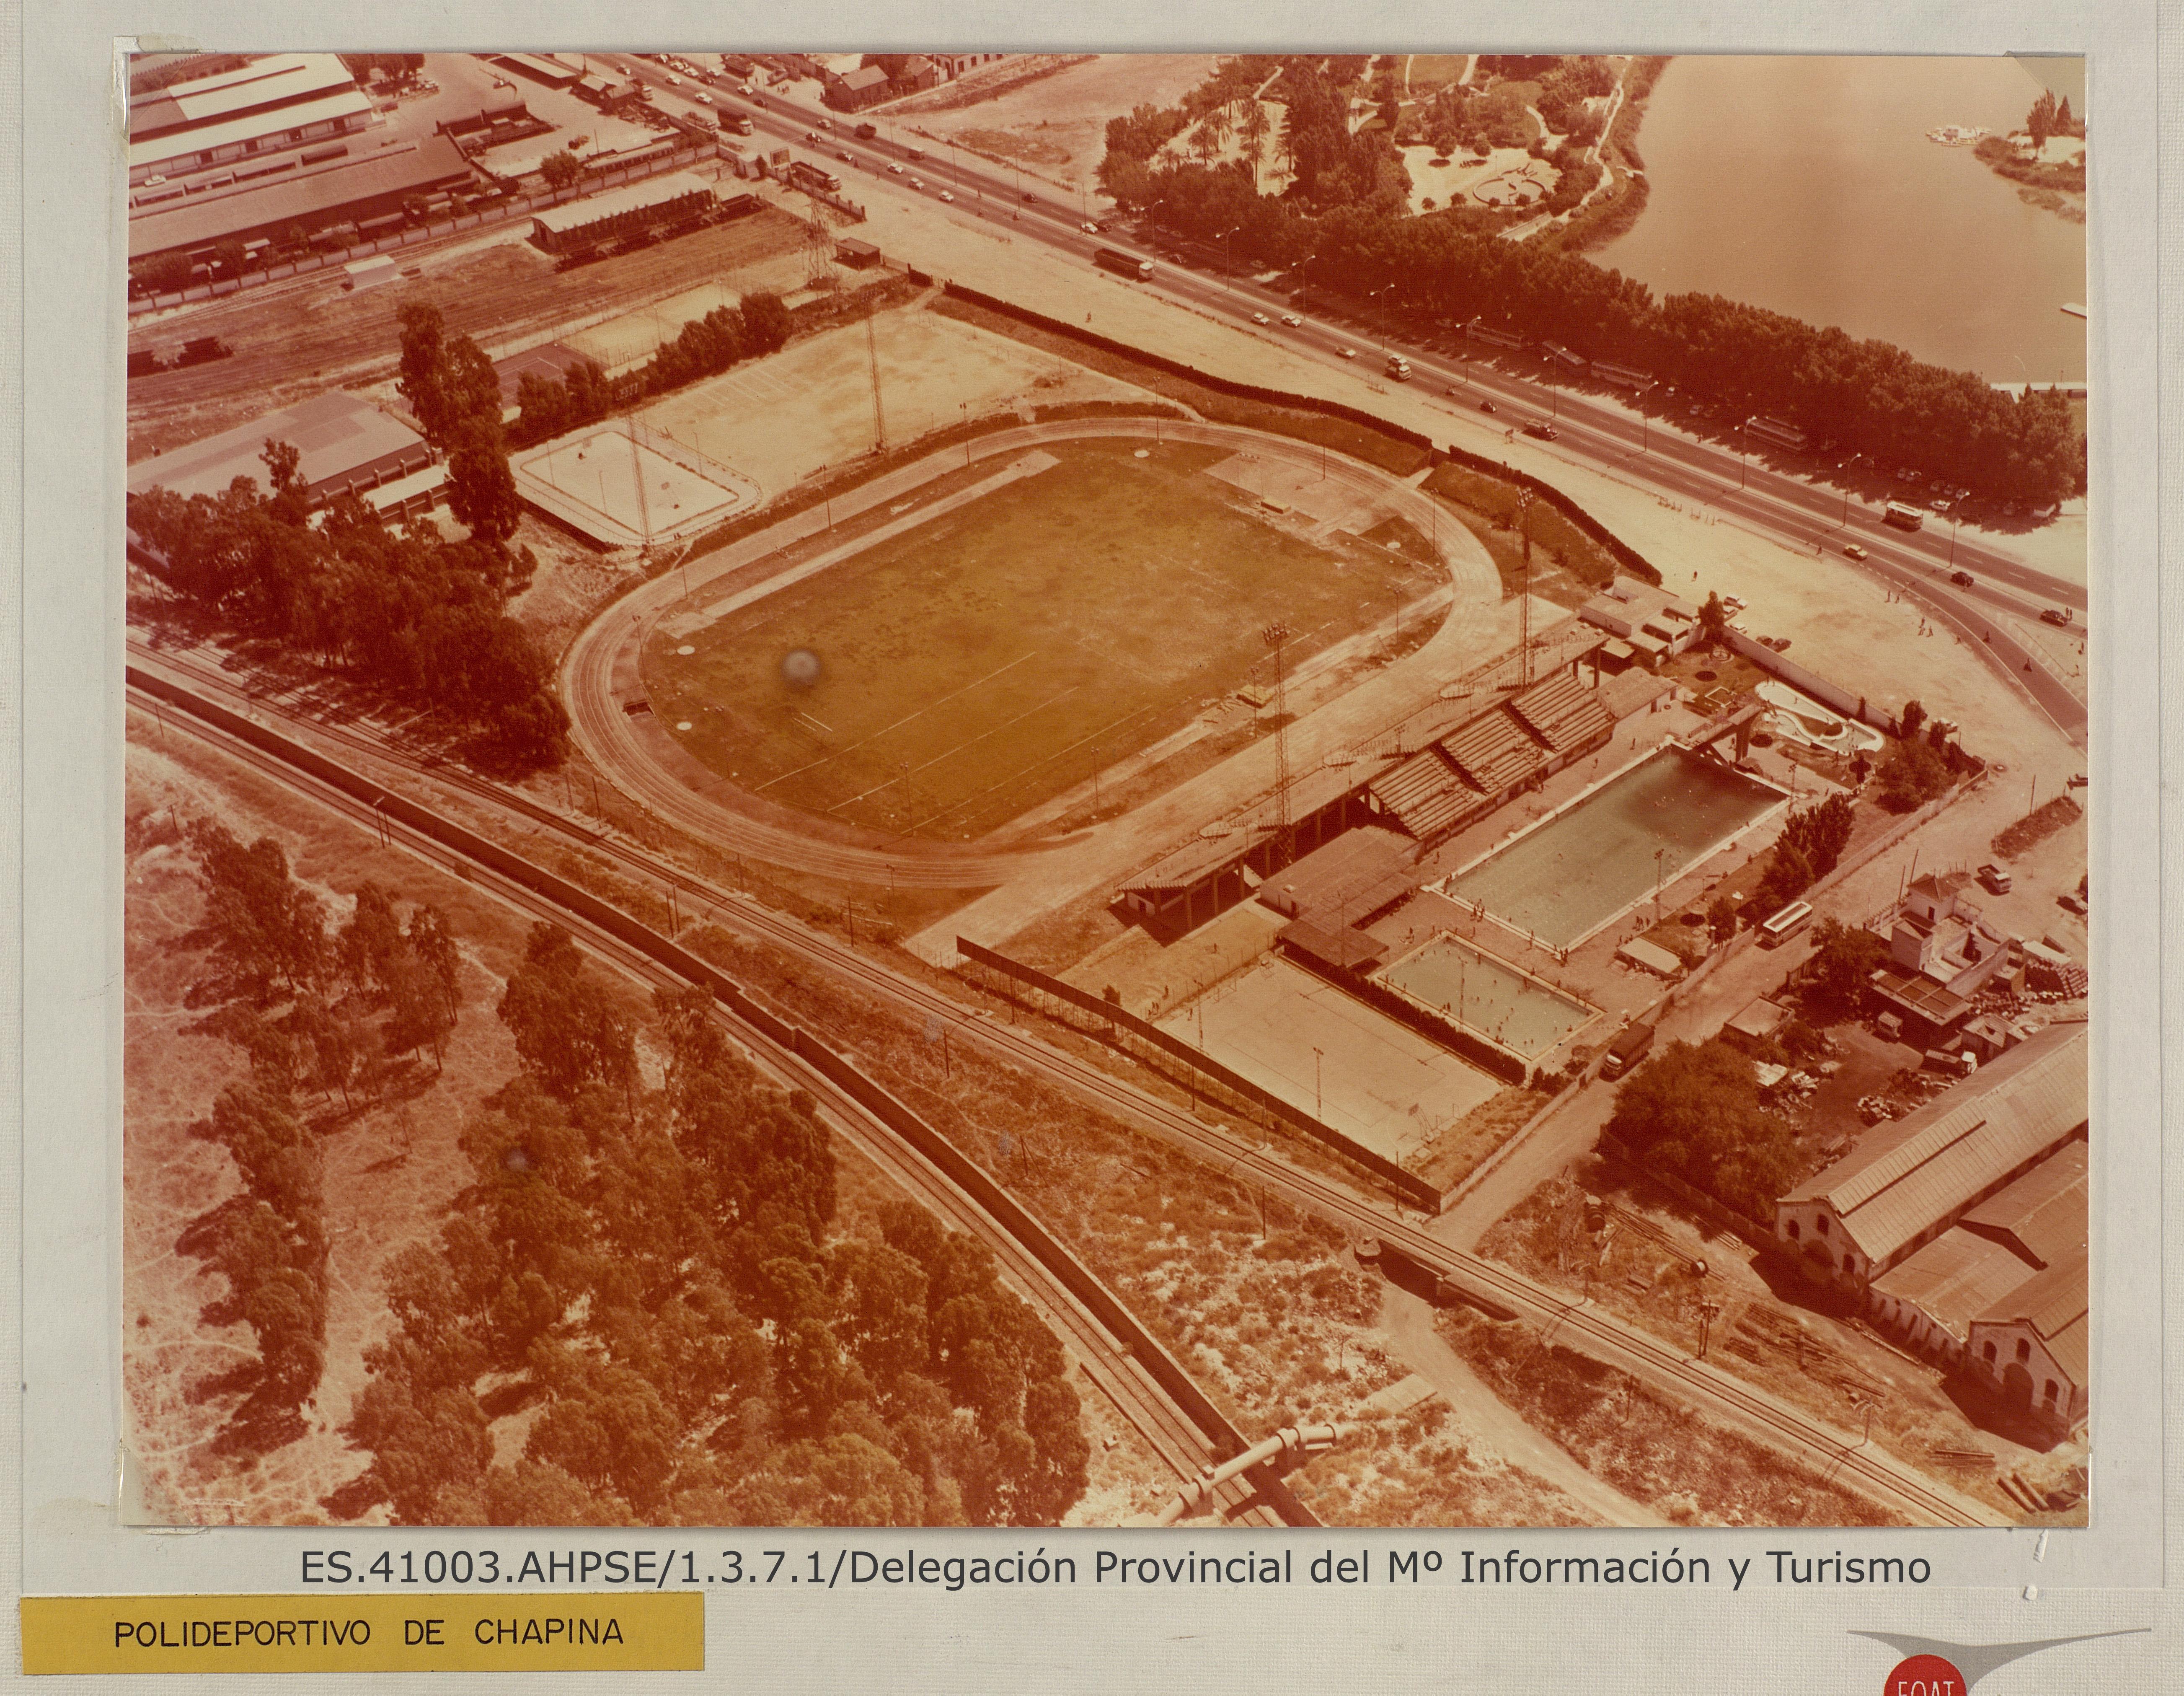 Vista aérea de las instalaciones deportivas de Chapina. Sevilla. [1970]